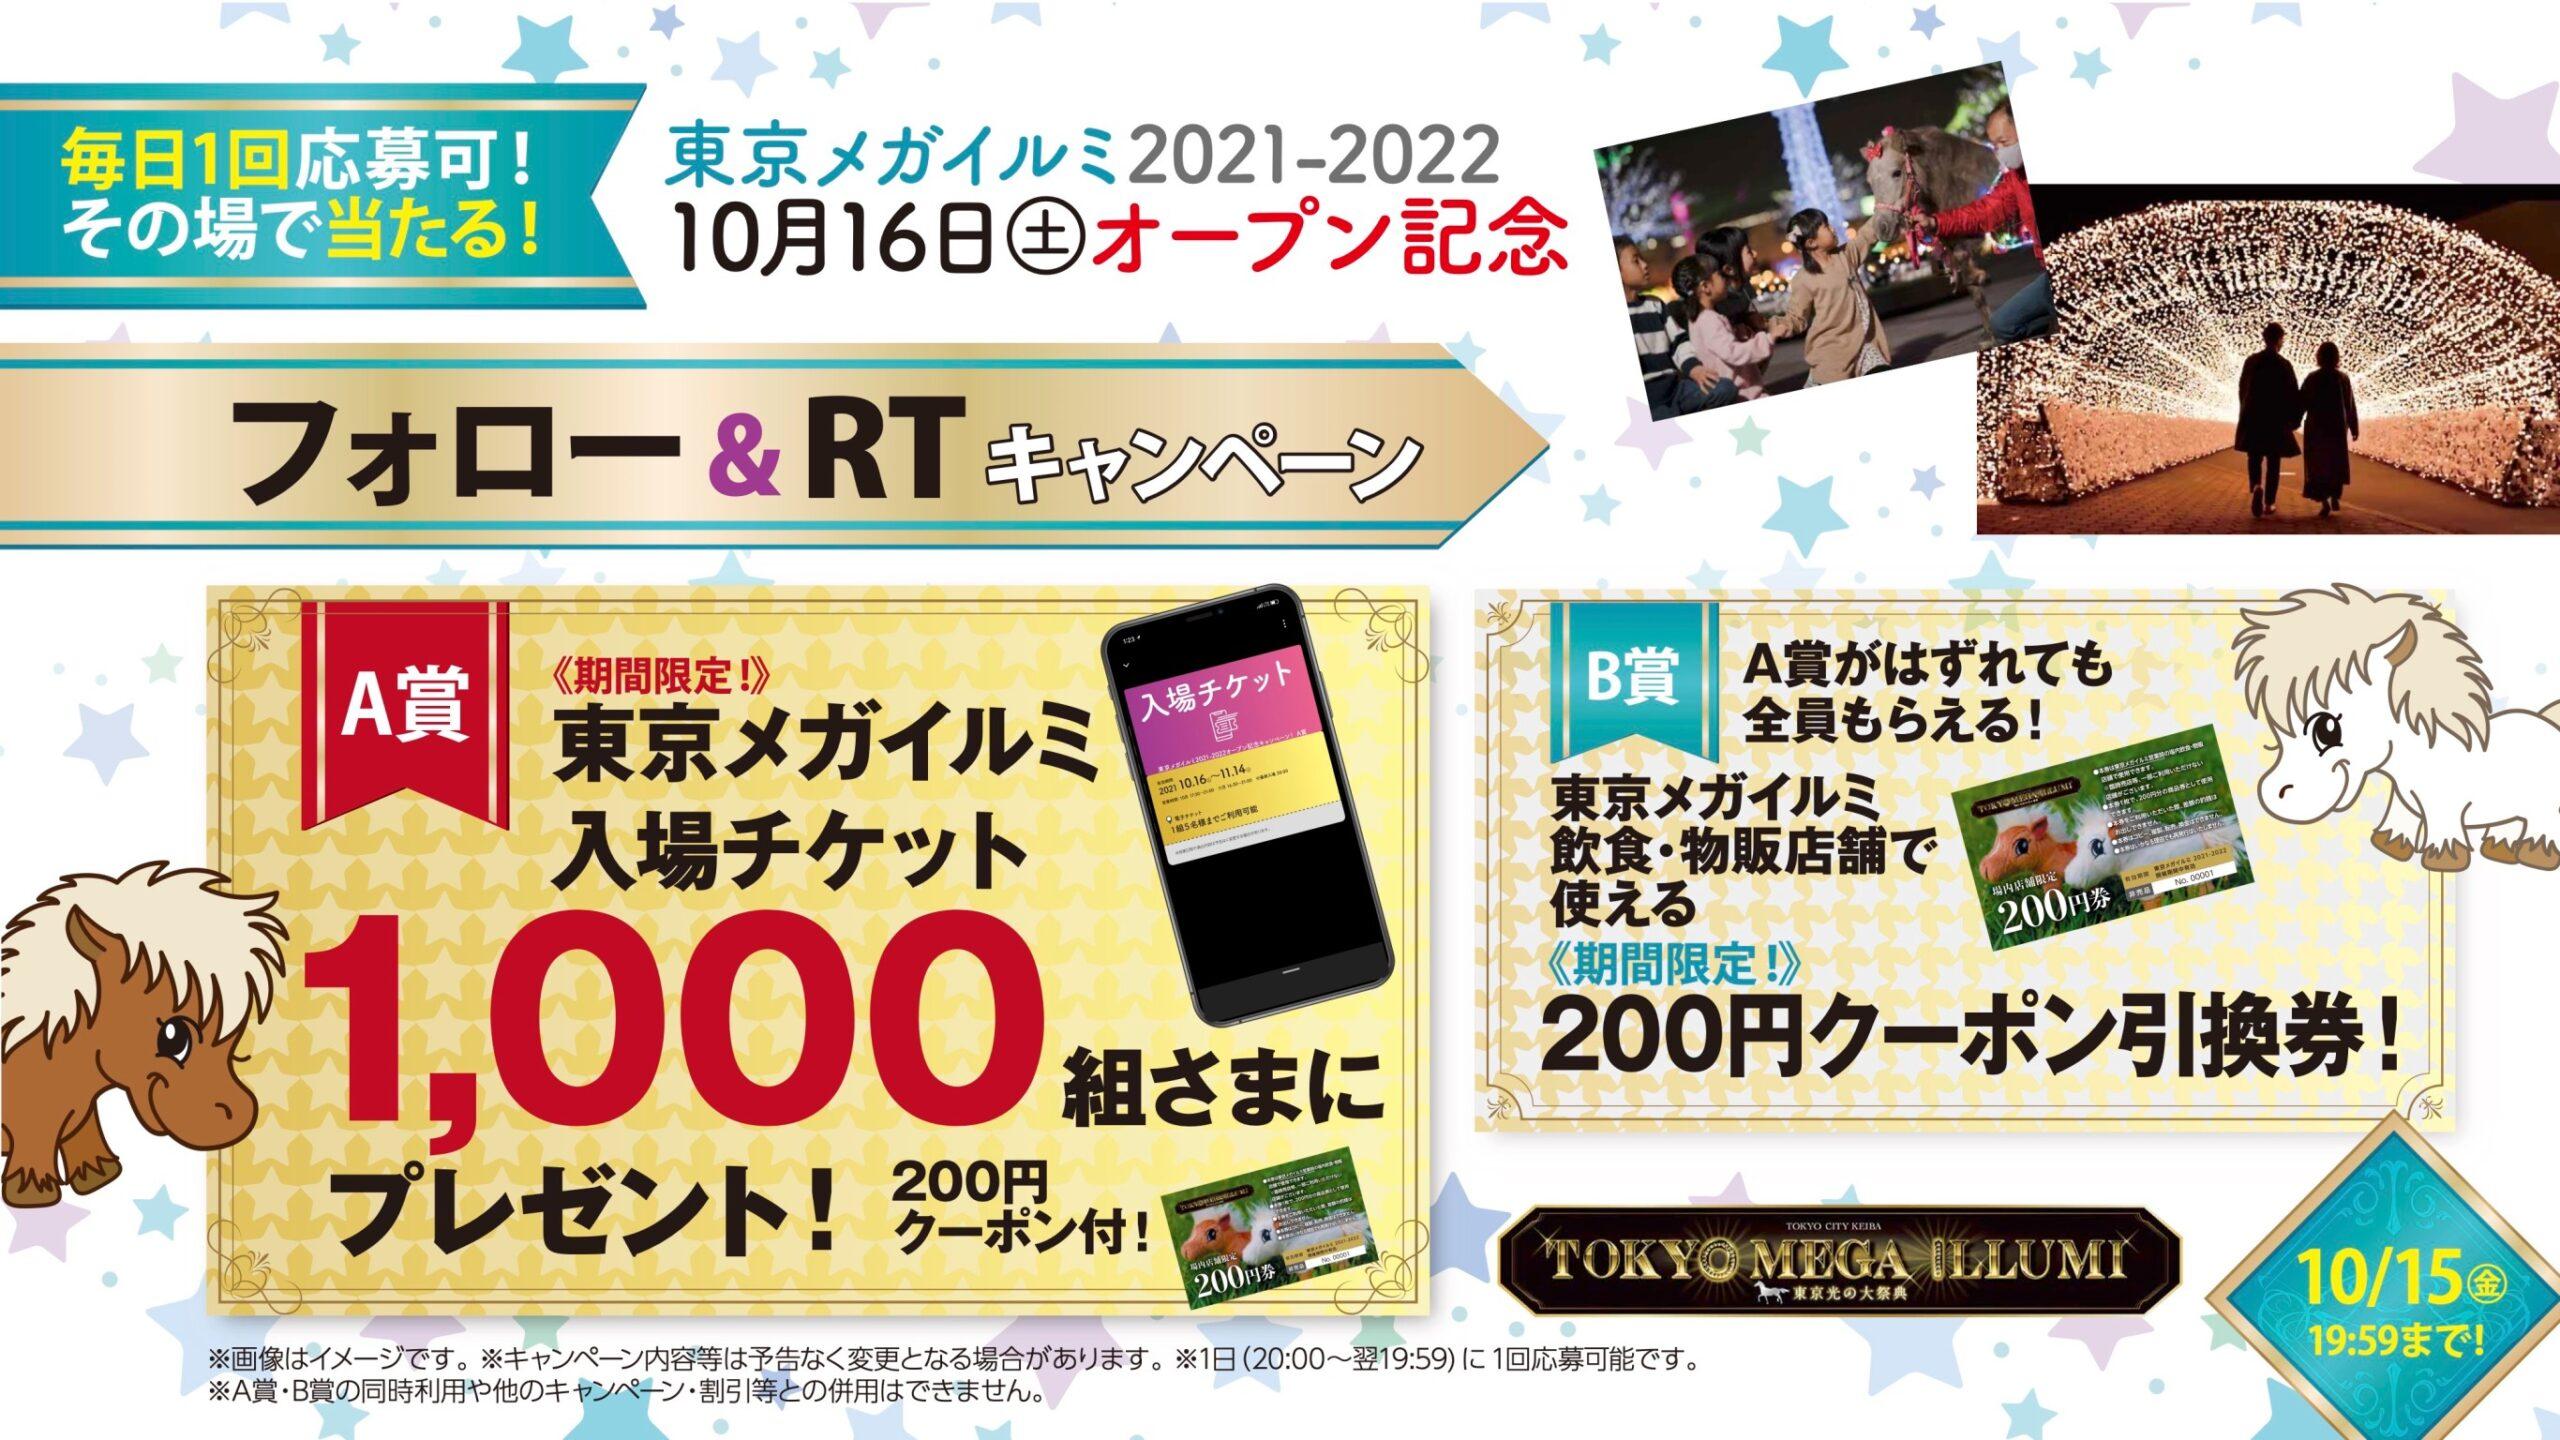 東京・大井競馬場・東京メガイルミ2021-2022の入場チケットが1000組に当たる。~11/14。